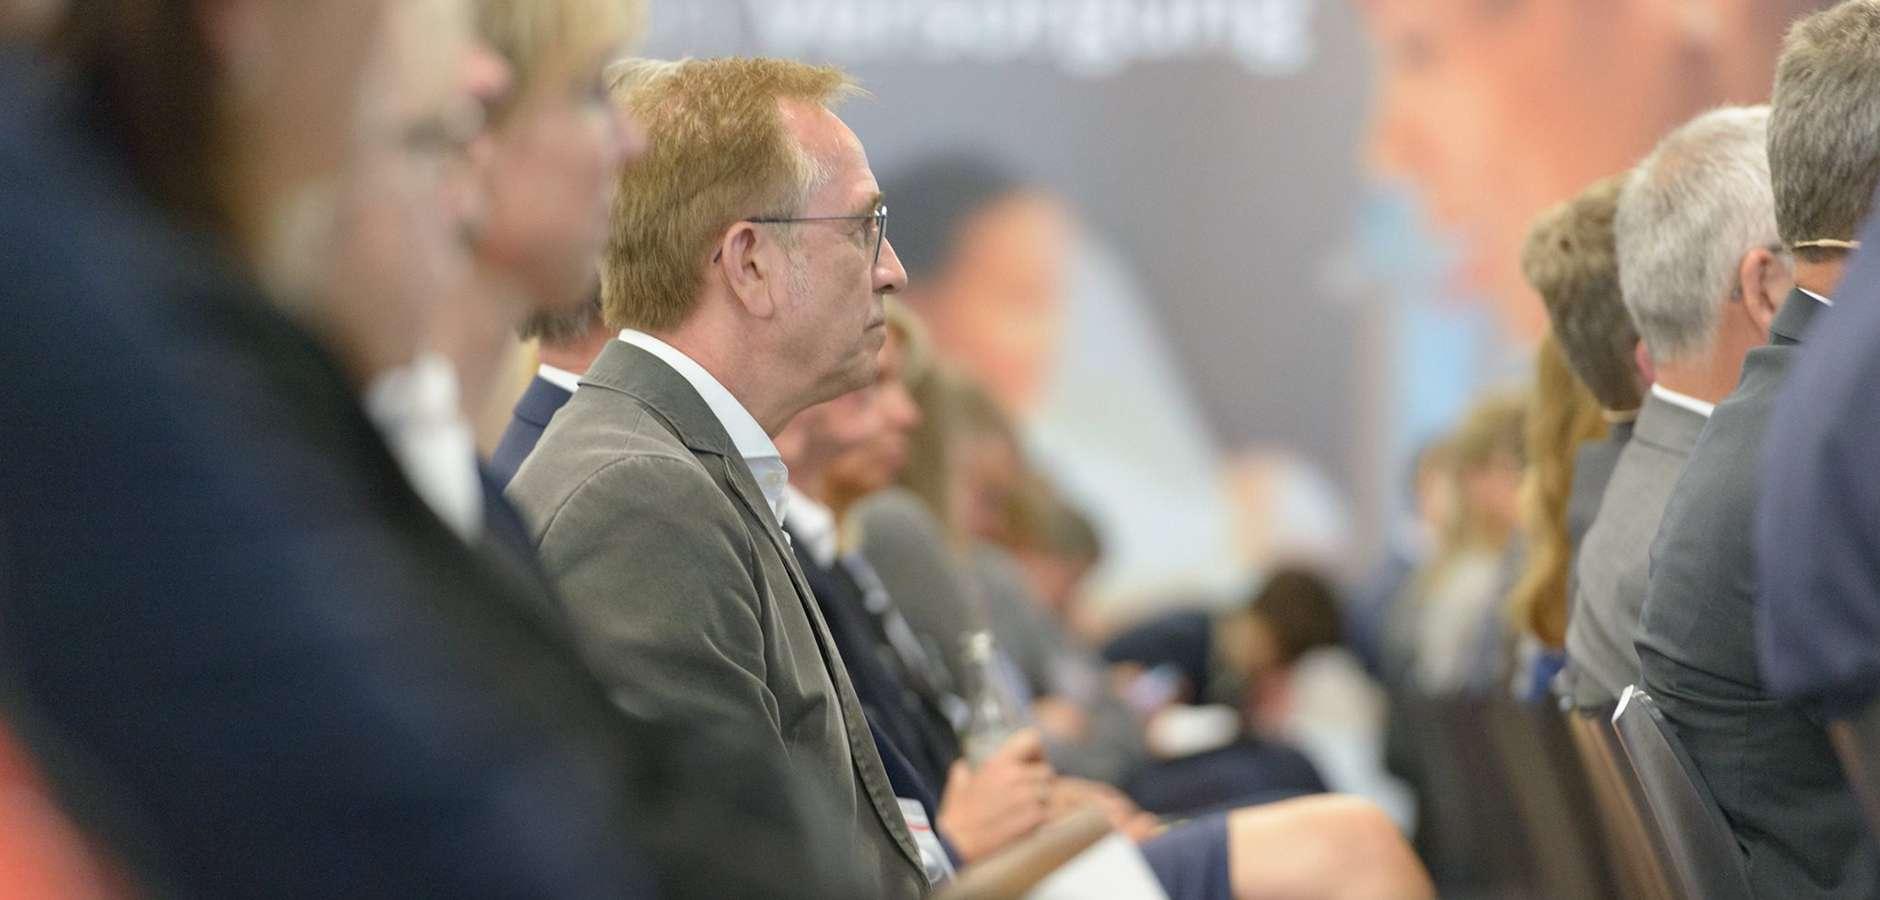 BITKOM - Digital Health Conference